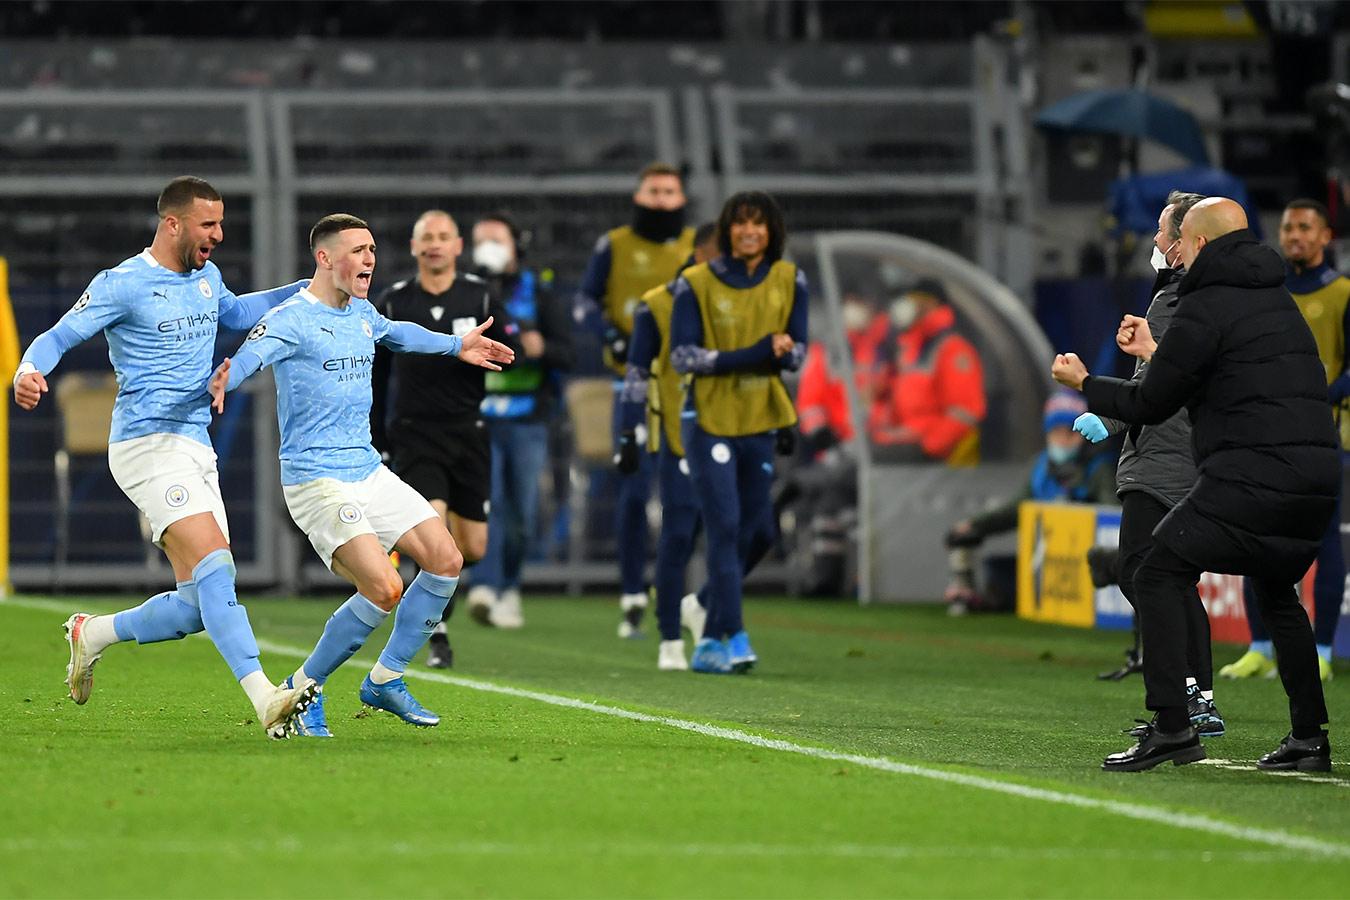 «Манчестер Сити» вышел в полуфинал Лиги чемпионов, обыграв дортмундскую «Боруссию»